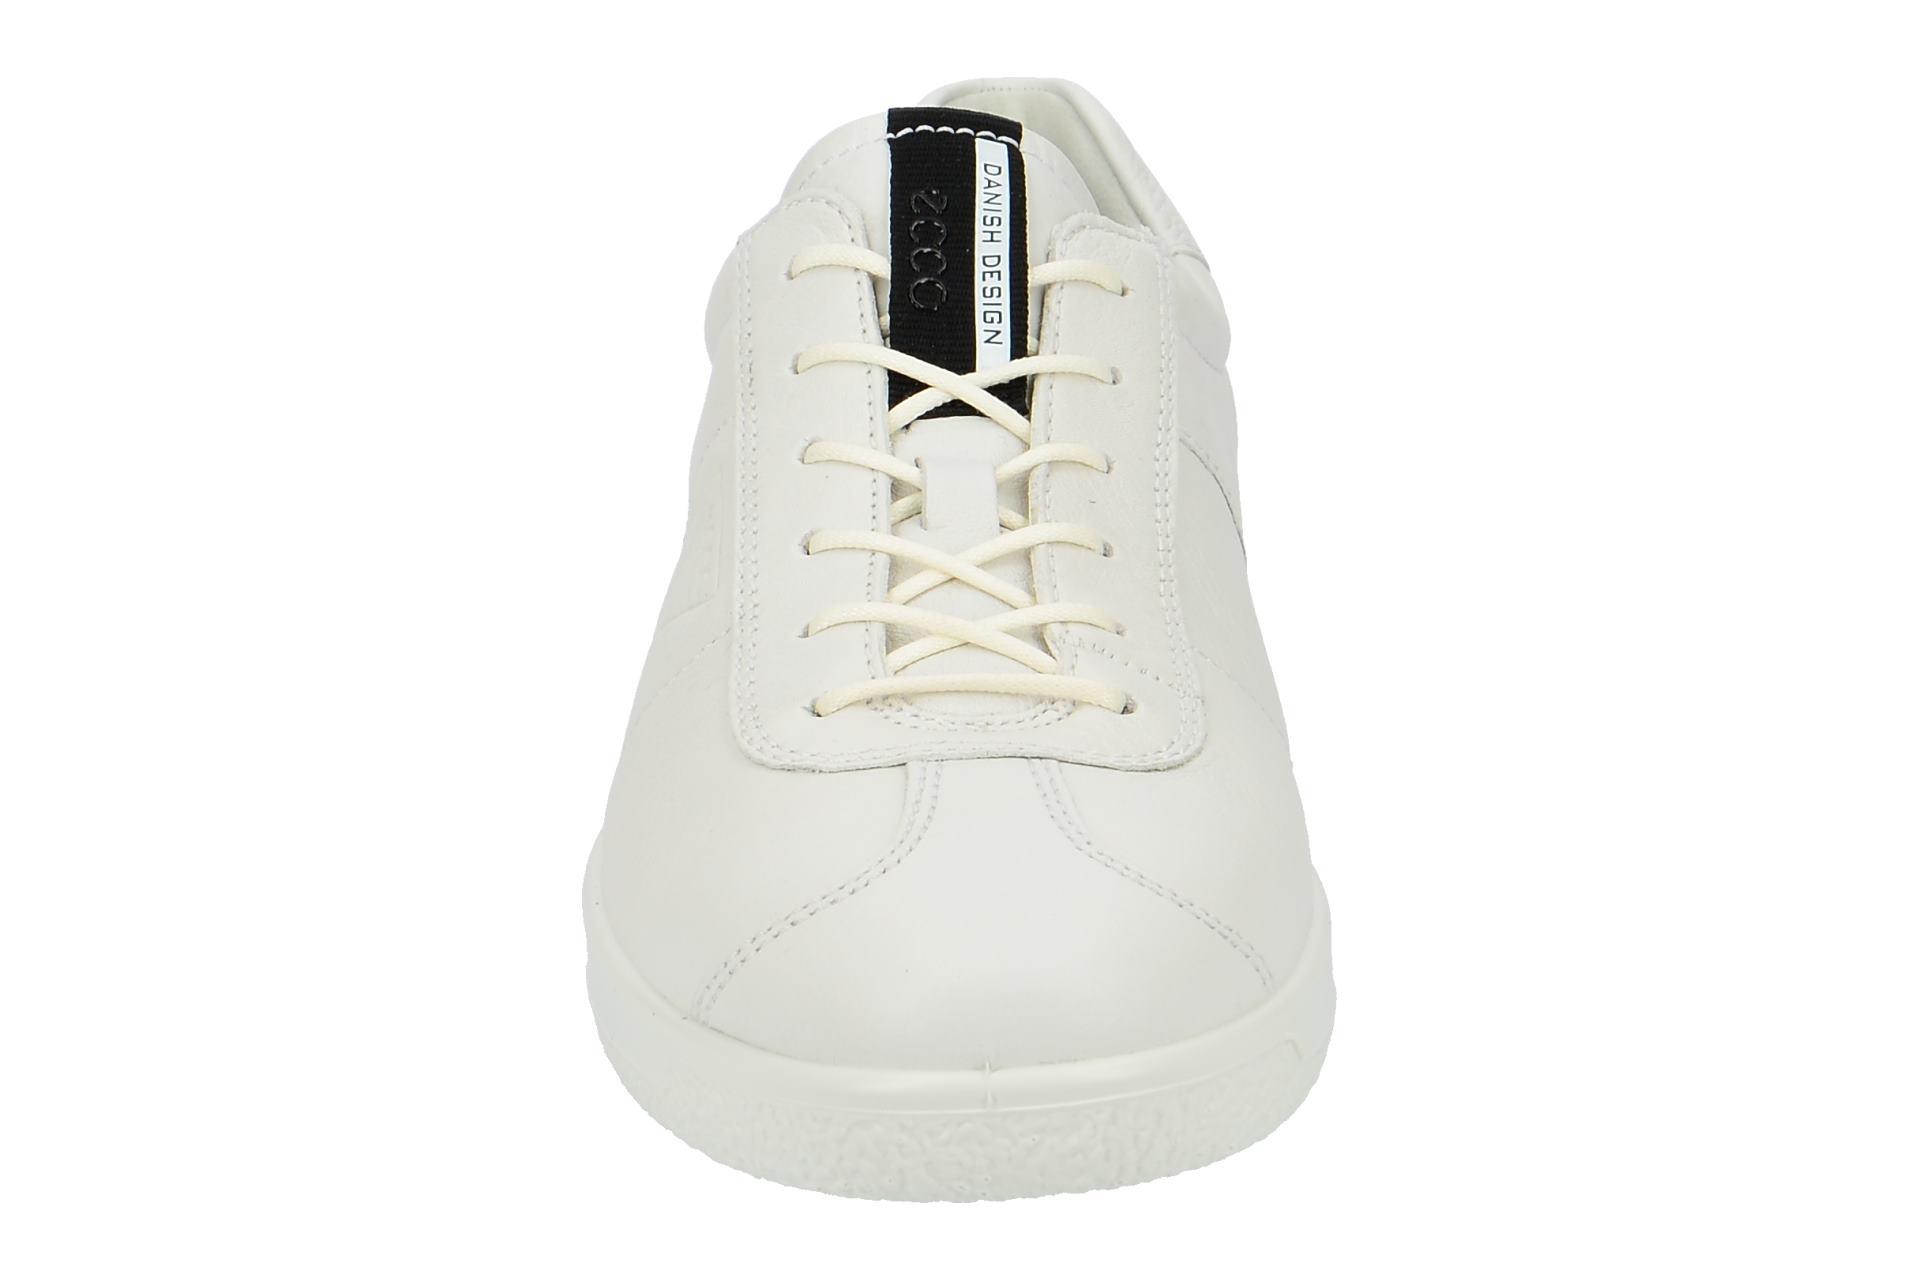 Details zu Ecco Schuhe SOFT 1 MEN`S weiß Herrenschuhe bequeme Schnür Halbschuhe 40051401002